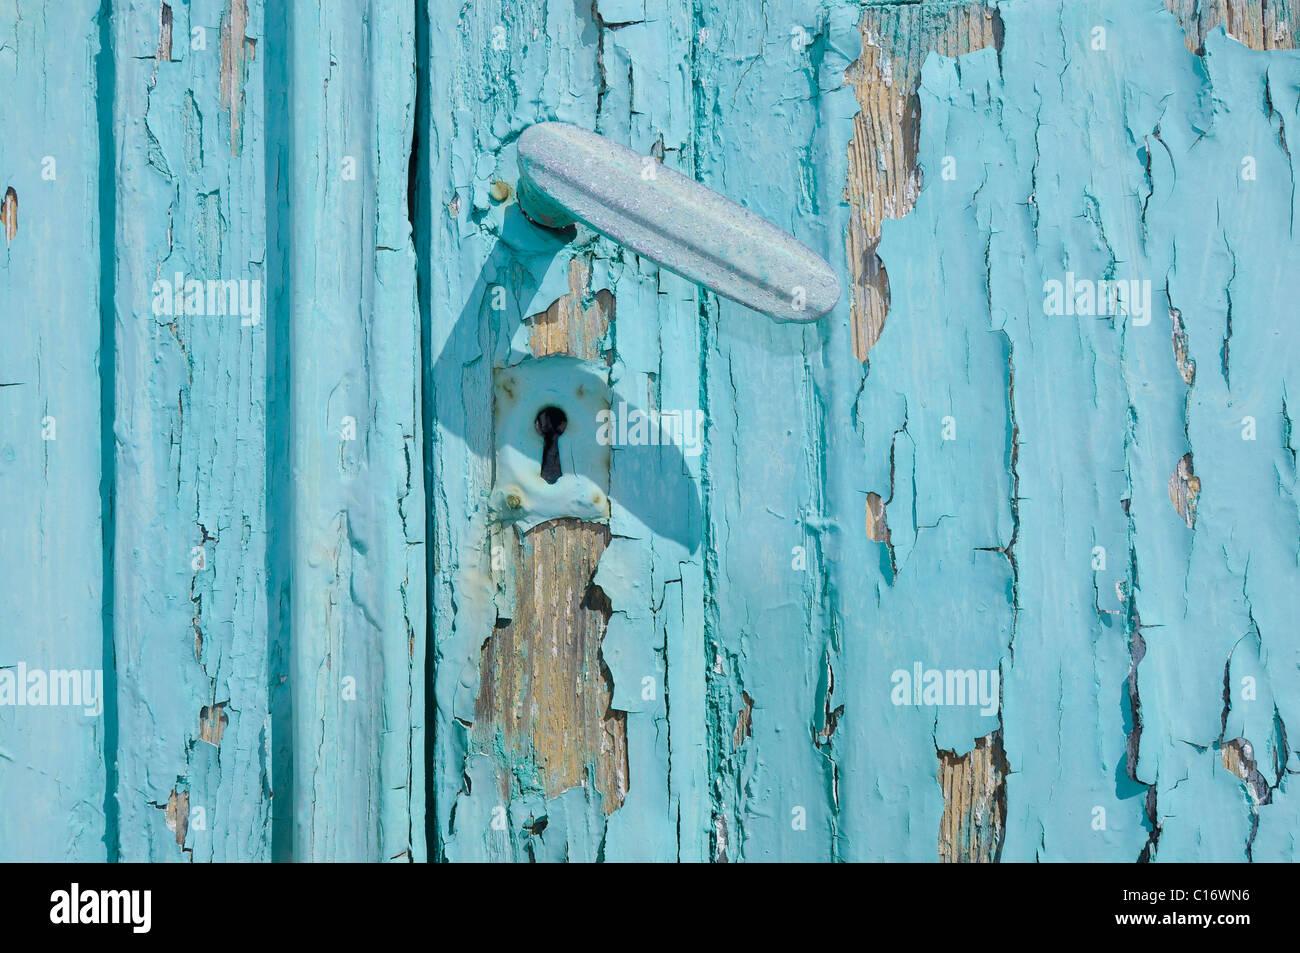 Turquise porta con una manopola dello sportello, Cicladi Grecia, Europa Immagini Stock